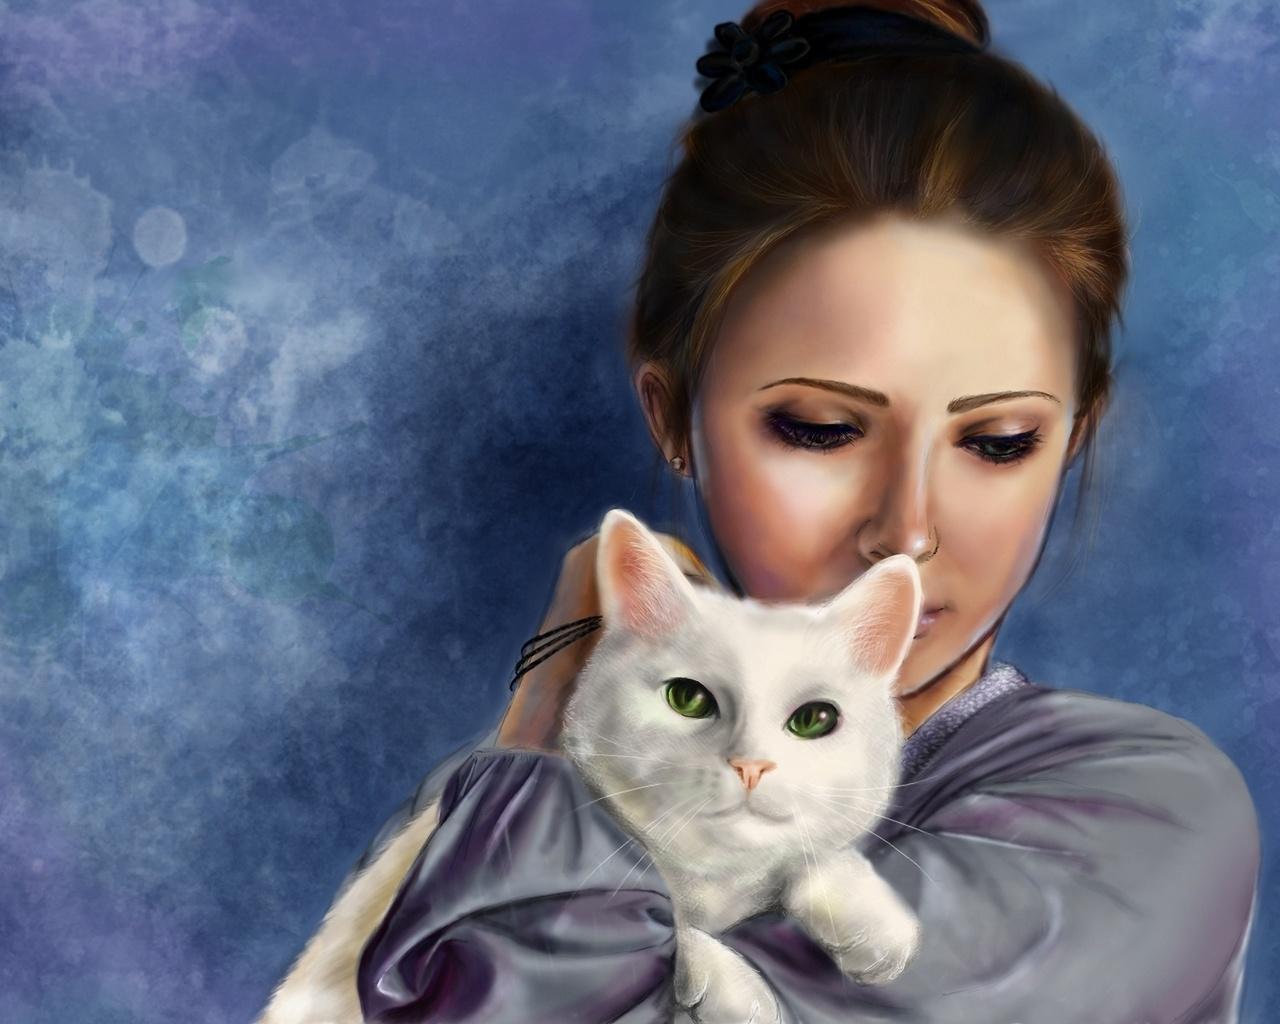 http://alexa-time.do.am/artleo.com-20348.jpg